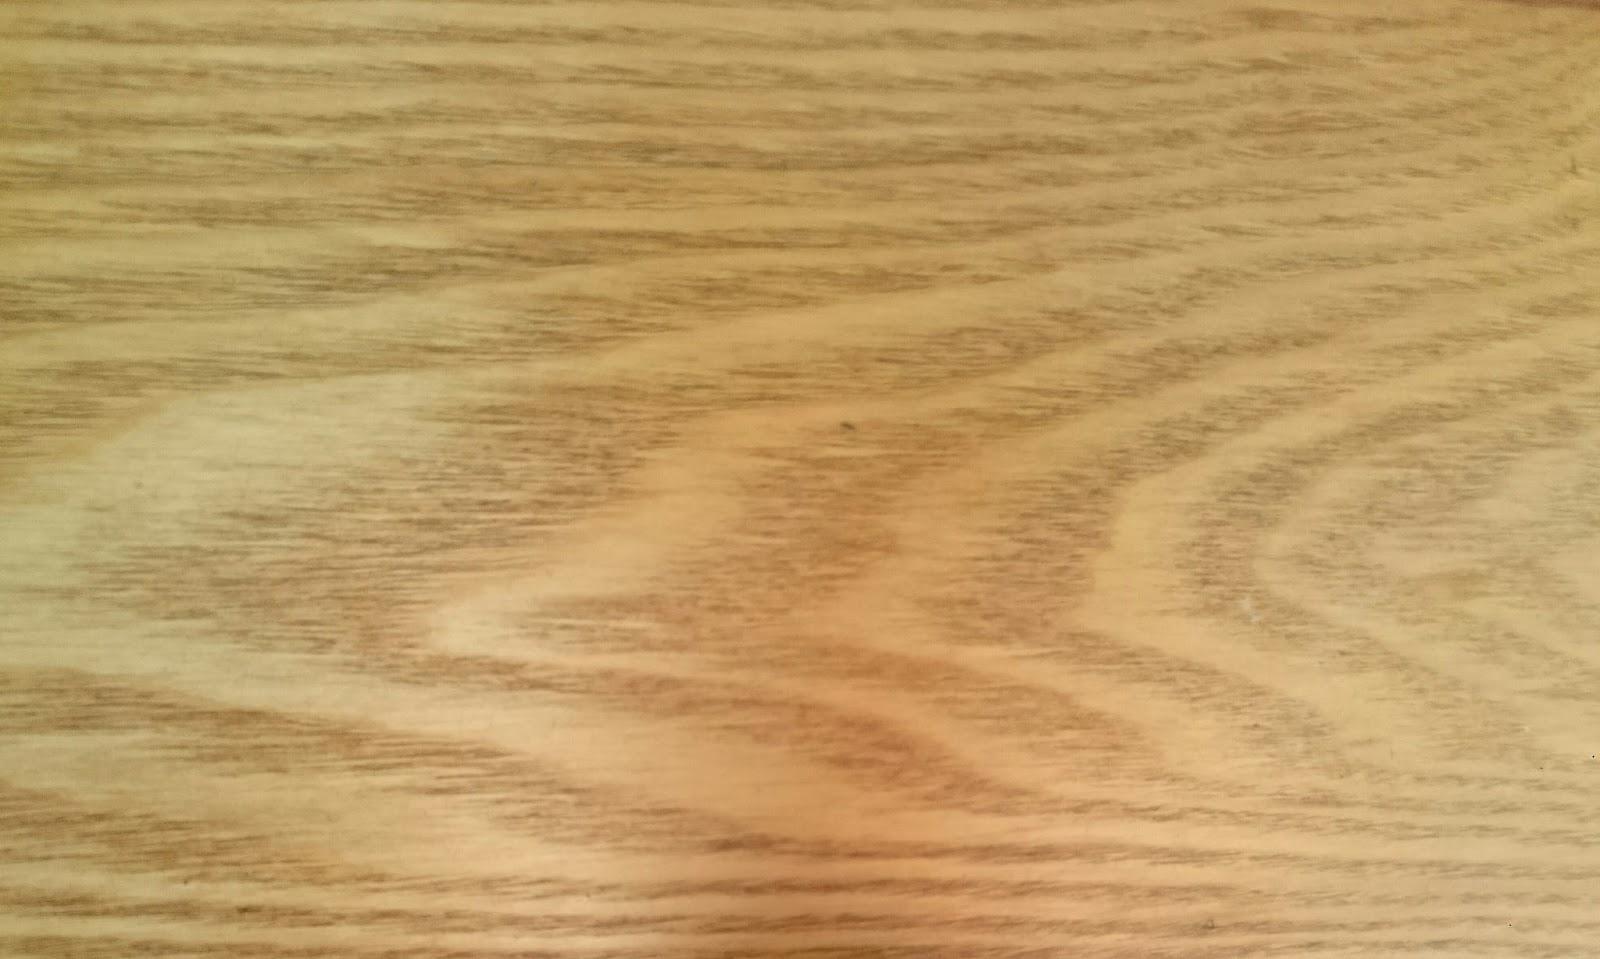 ma recette naturelle pour nettoyer les meubles en bois. Black Bedroom Furniture Sets. Home Design Ideas